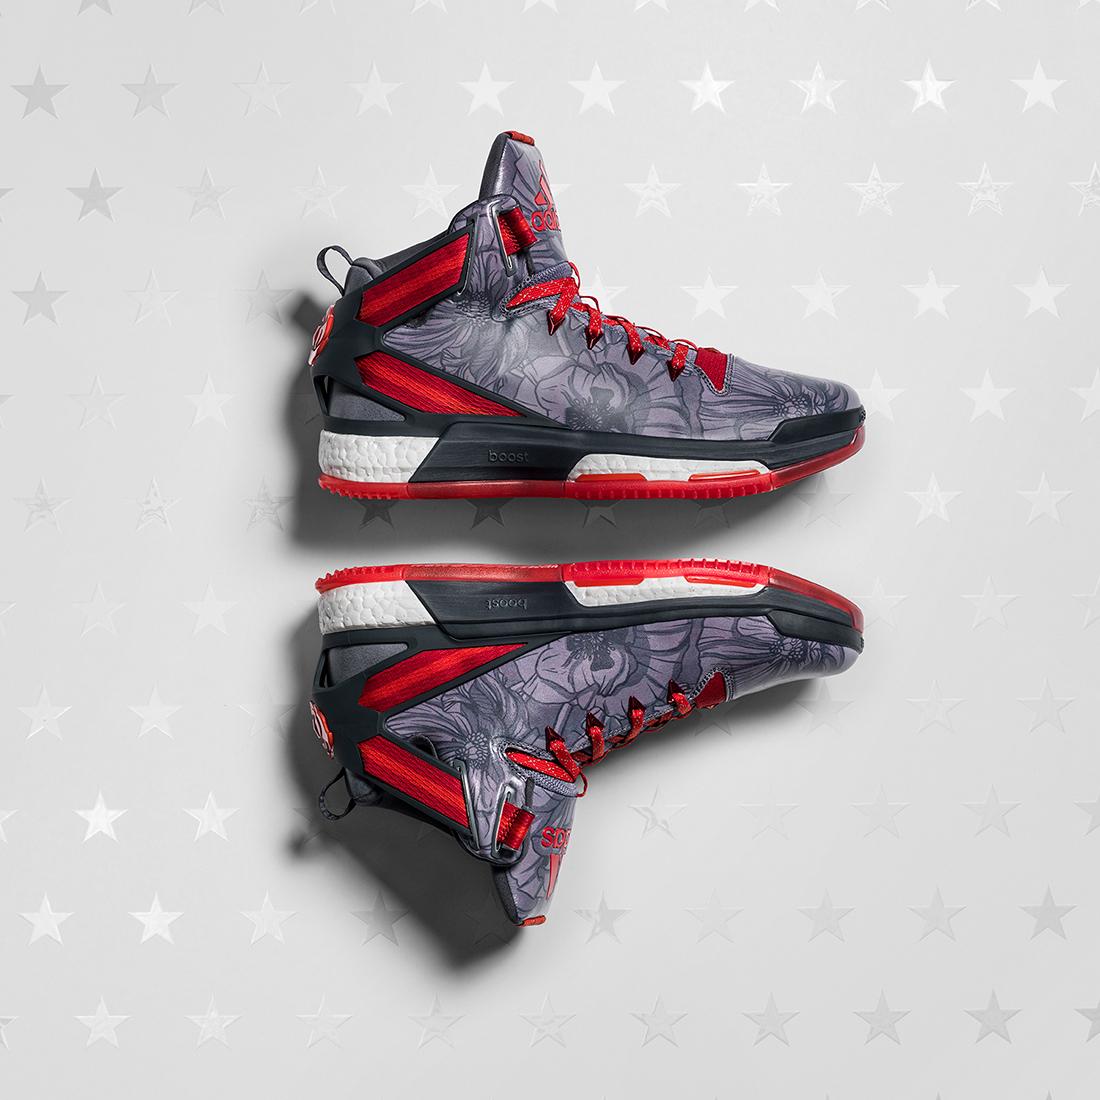 Sneakers adidas en honor a los Veteranos